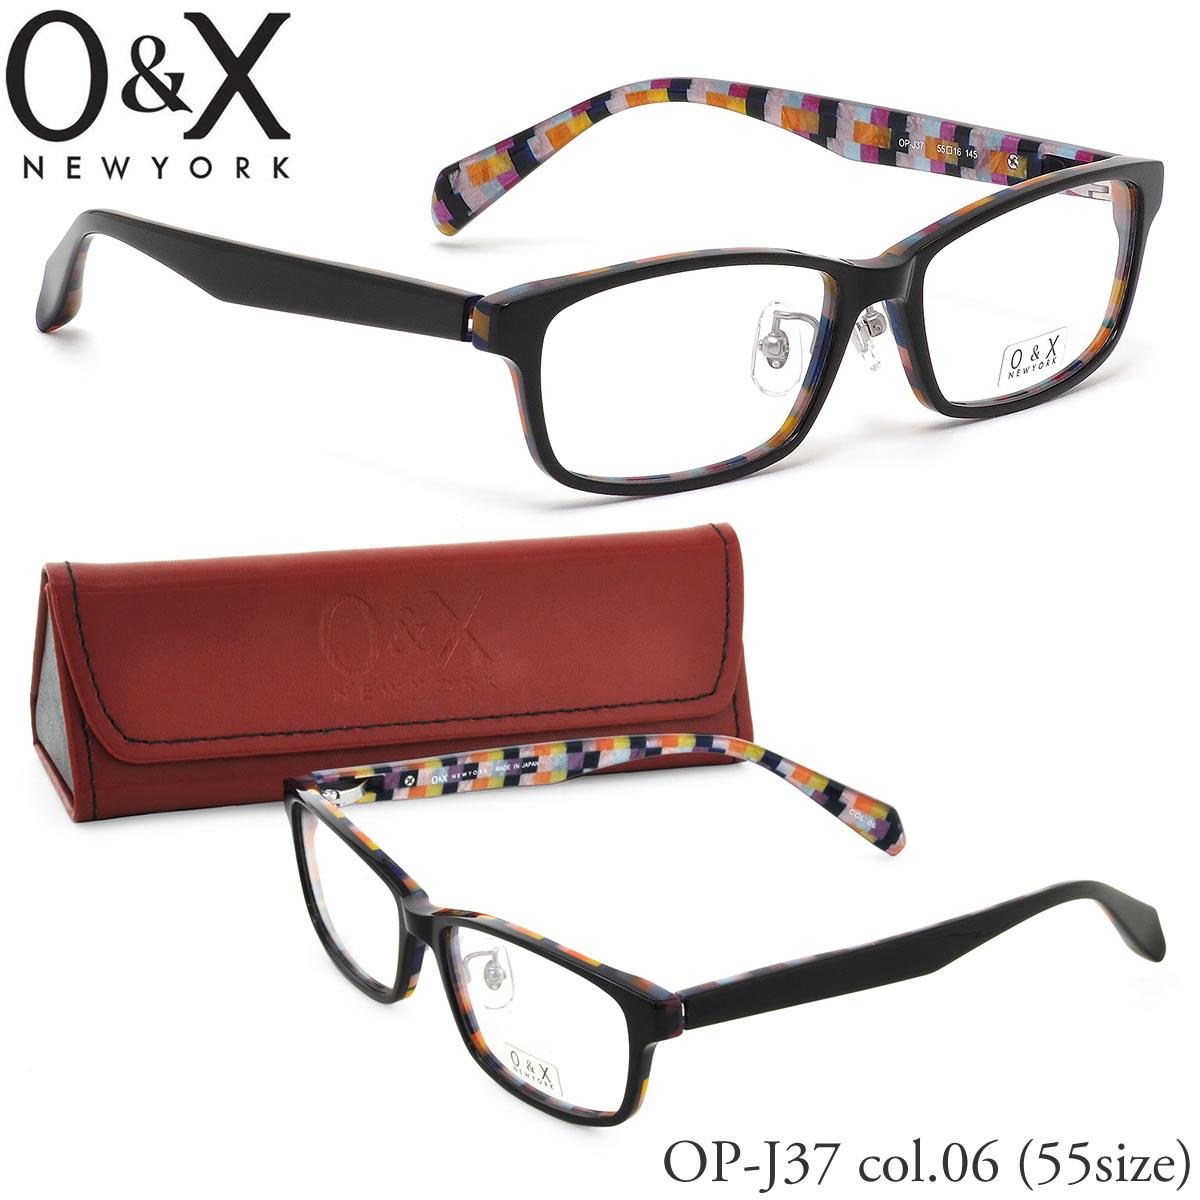 ほぼ全品ポイント15倍~最大34倍+2倍! 【オーアンドエックス】 (O&X) メガネOPJ37 06 55サイズ板バネ 日本製 スクエアO&X 伊達メガネレンズ無料 メンズ レディース